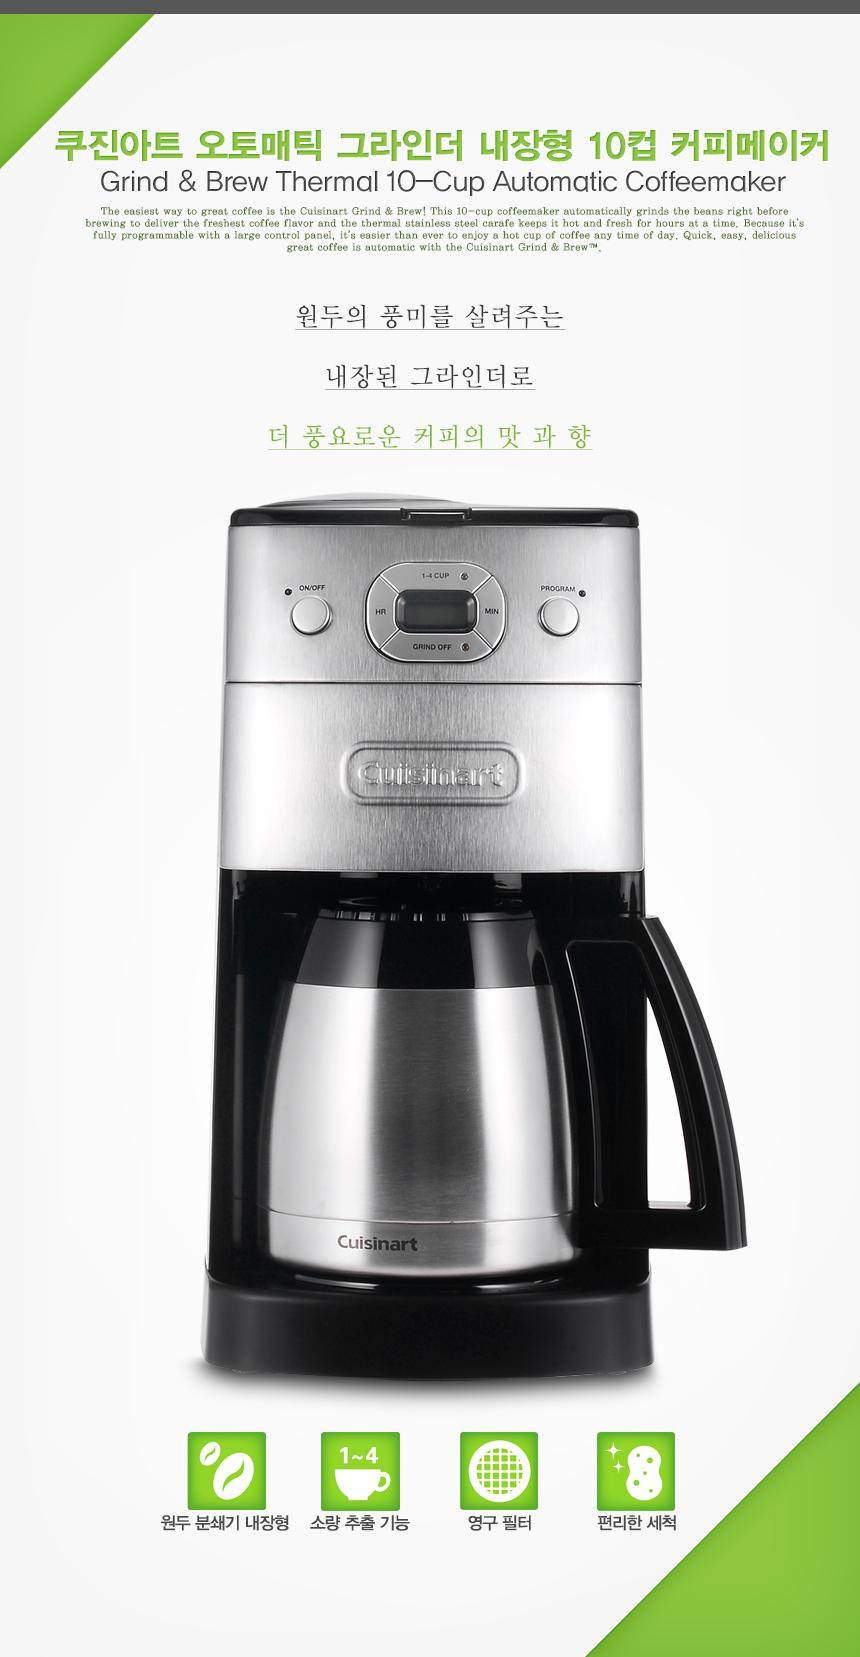 쿠진아트 오토매틱 그라인더 내장형 10컵 커피메이커